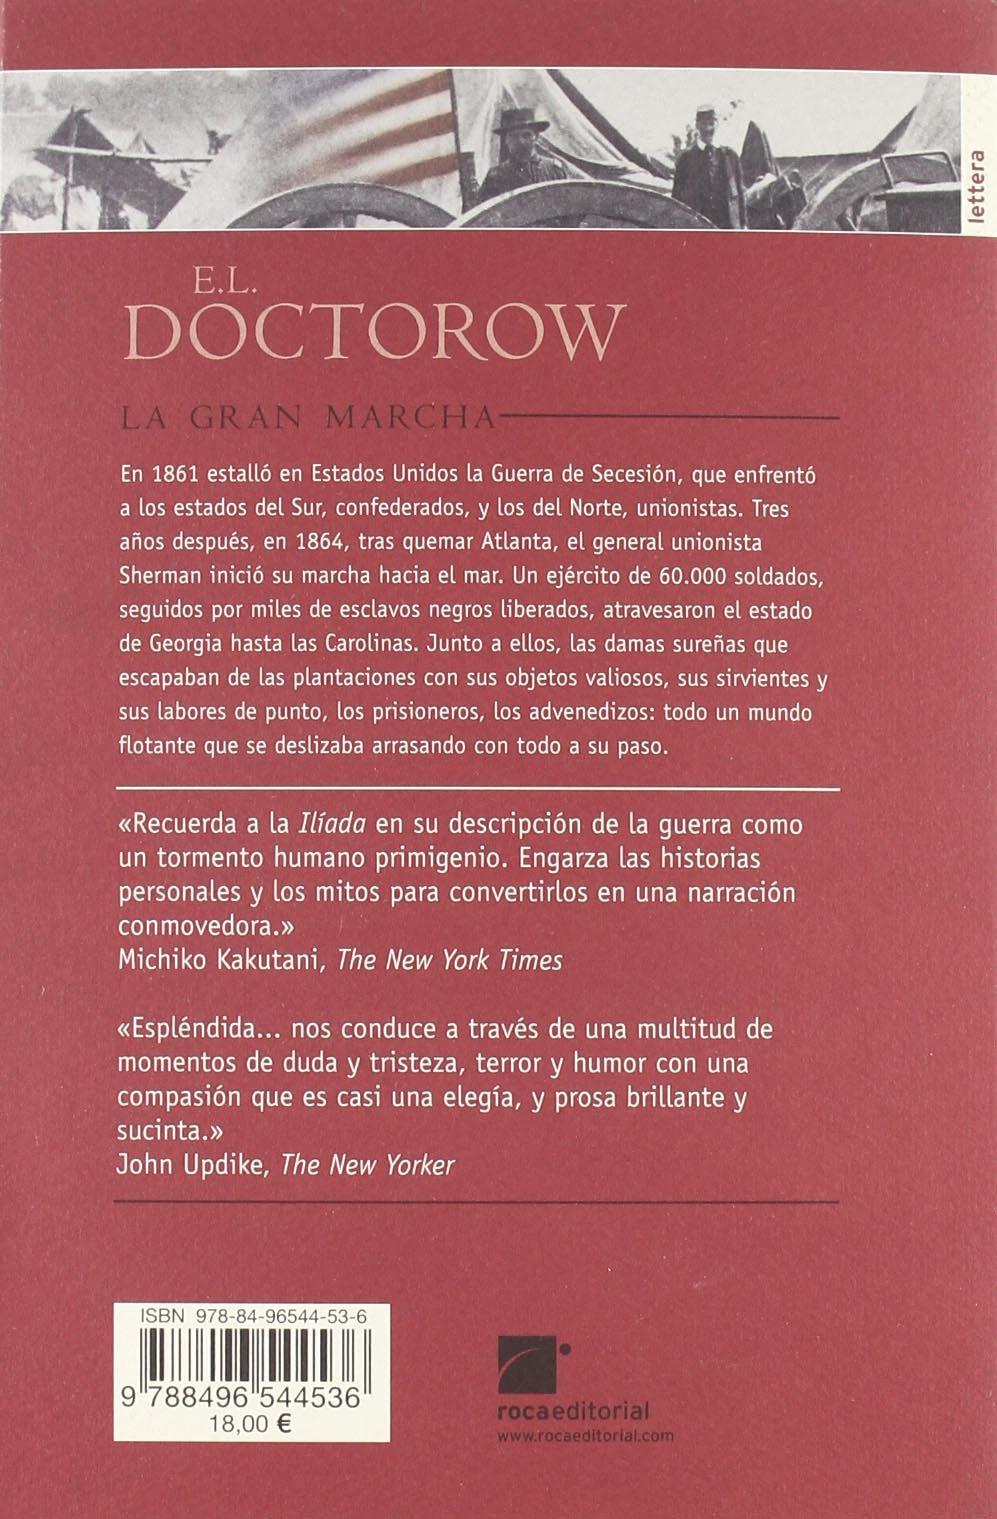 La Gran Marcha/ The March (Spanish Edition): Carlos Milla, E. L. Doctorow,  Isabel Ferrer: 9788496544536: Amazon.com: Books